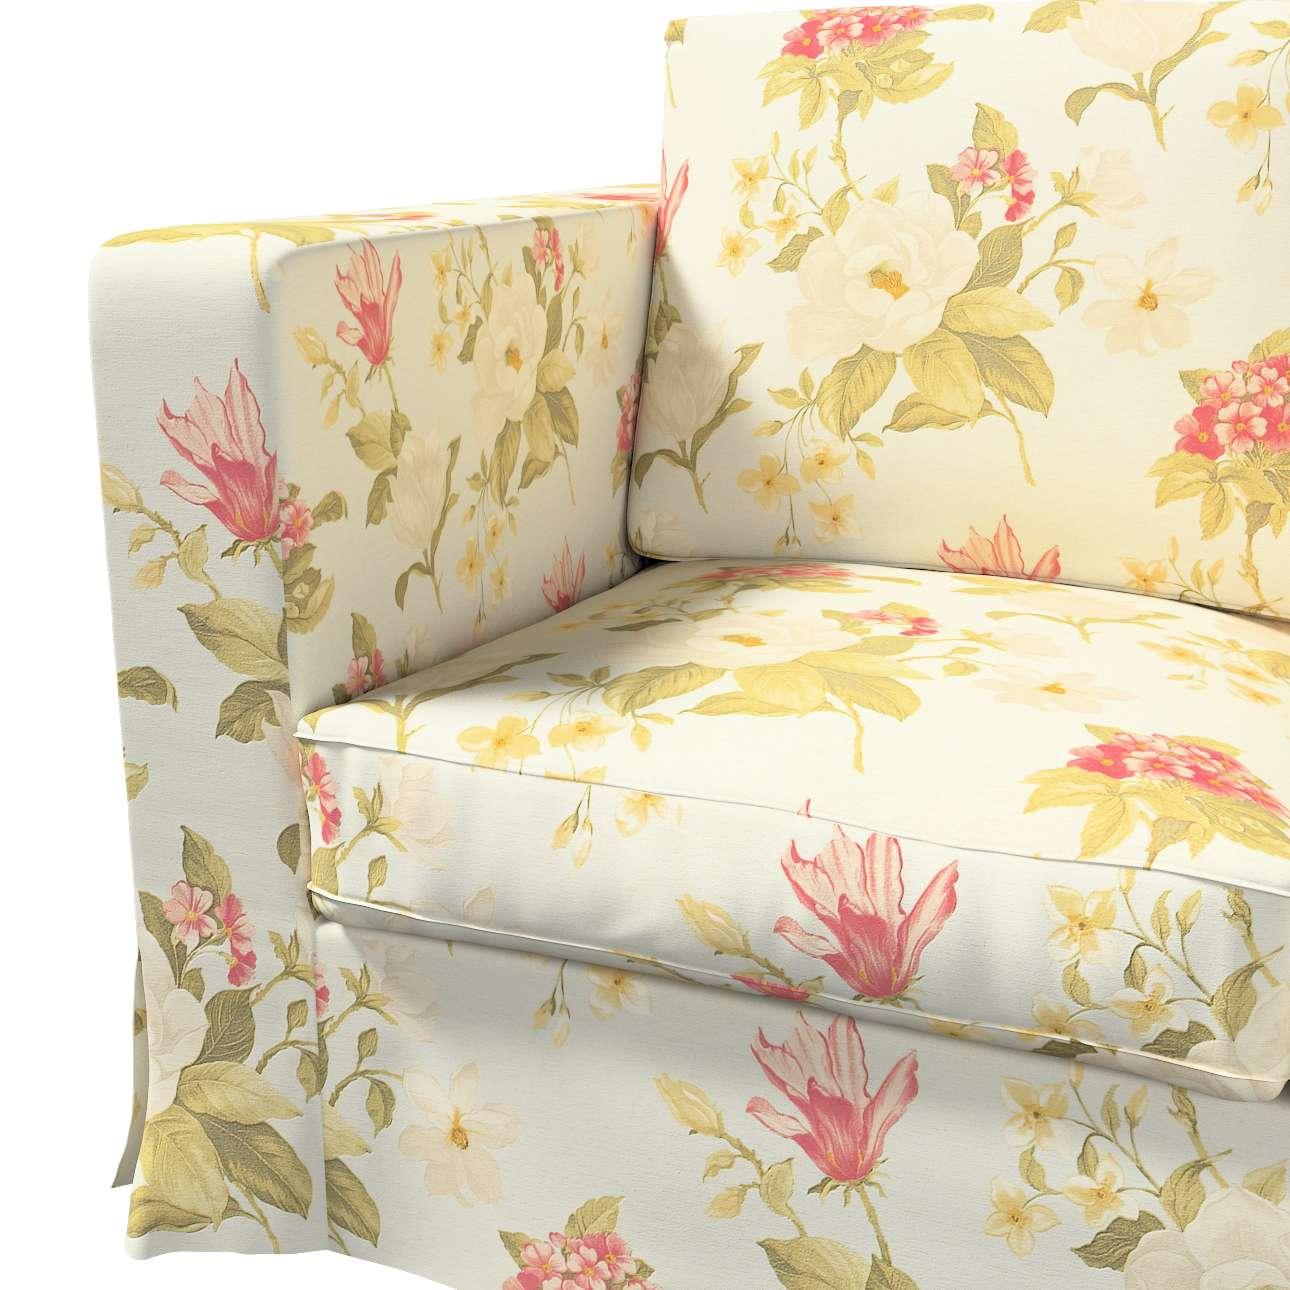 Karlanda 3-Sitzer Sofabezug nicht ausklappbar lang von der Kollektion Londres, Stoff: 123-65